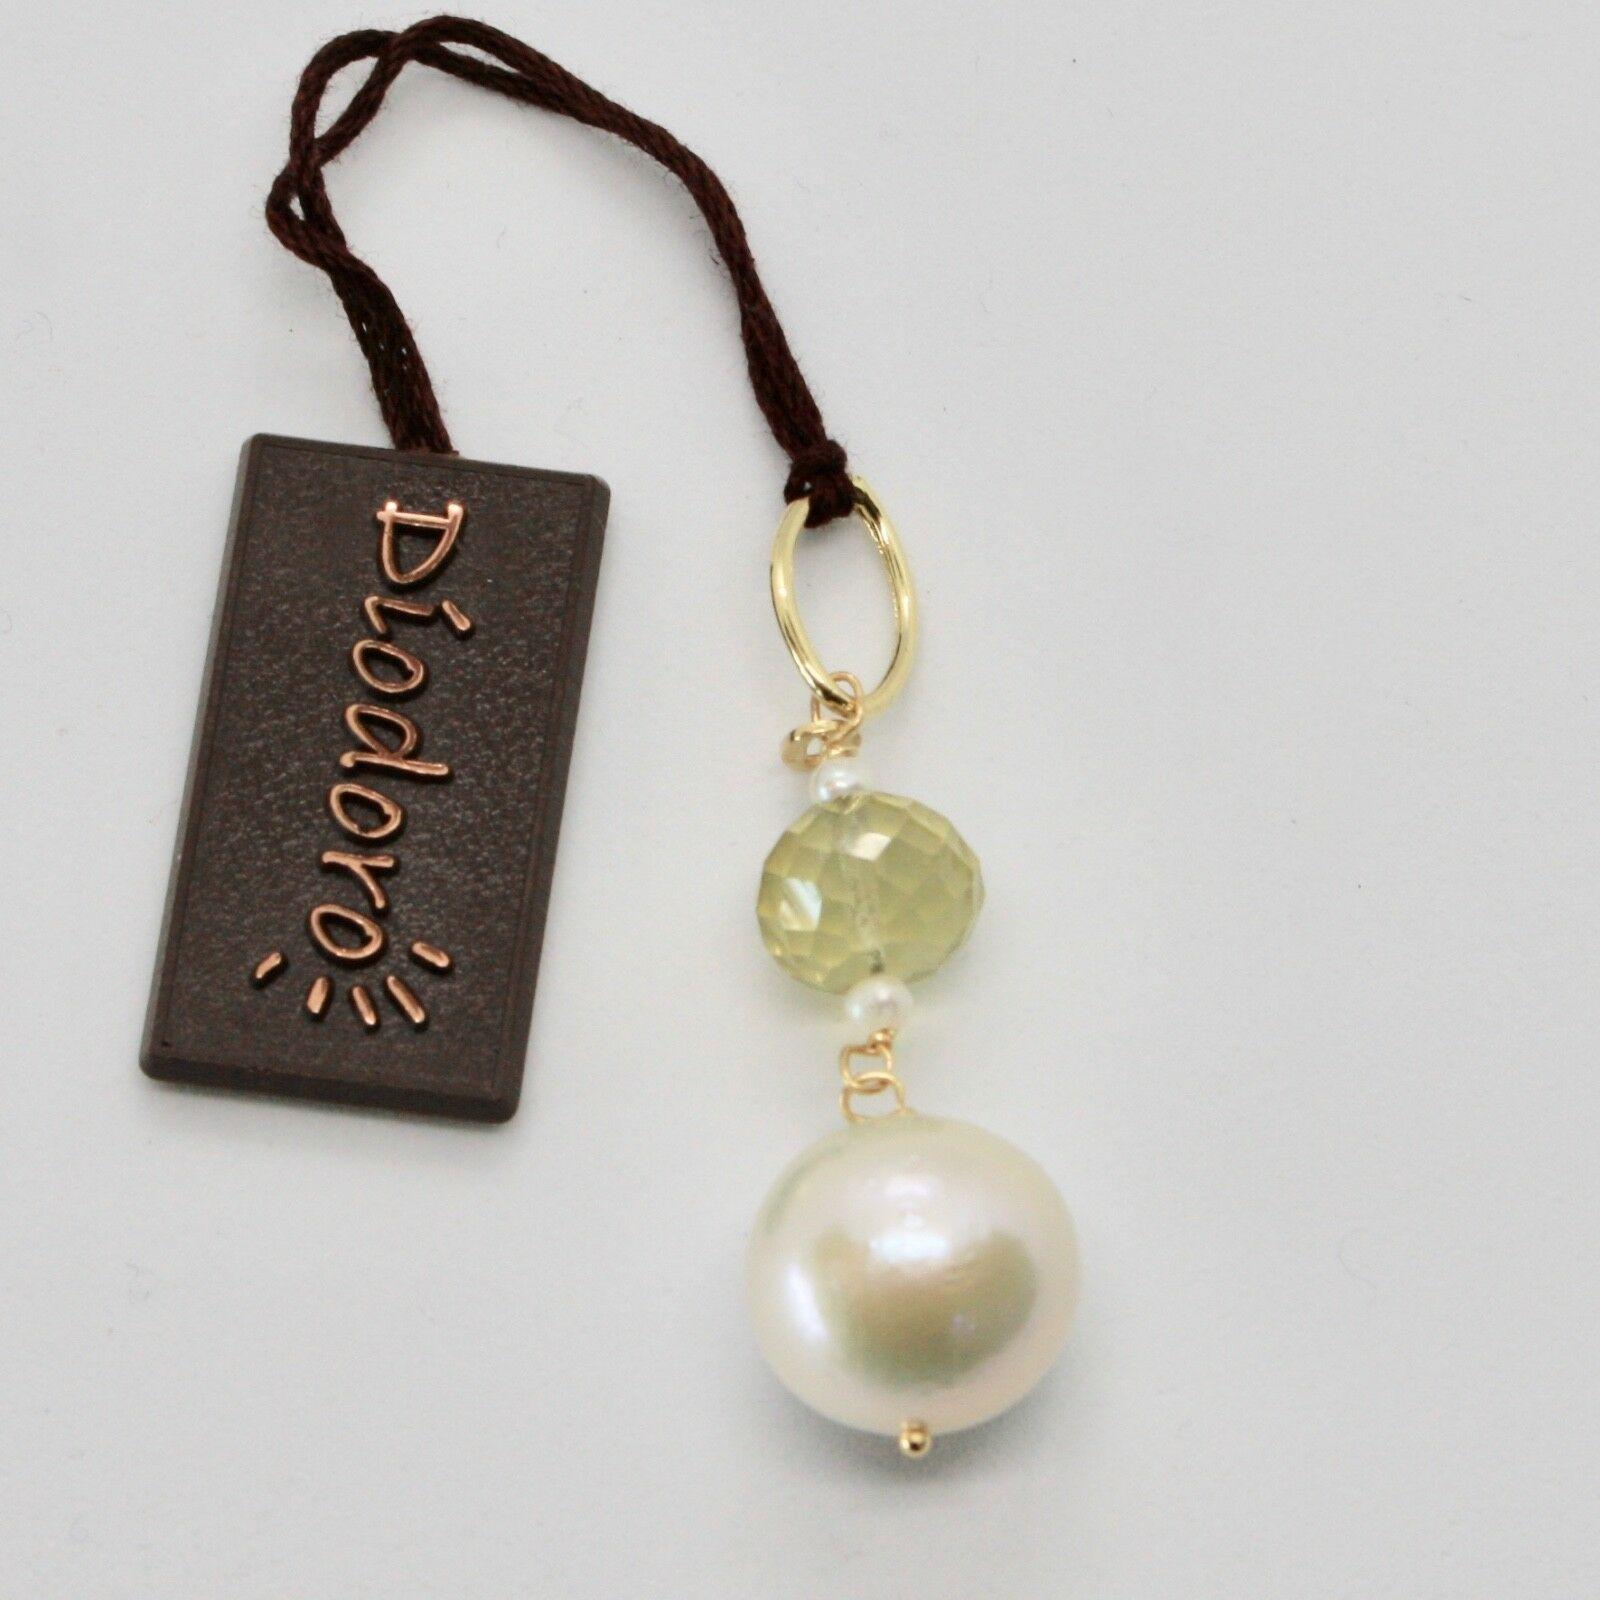 Pendentif en or Jaune 18k 750 avec Perle Blanc de Eau Douce et Quartz Lemon